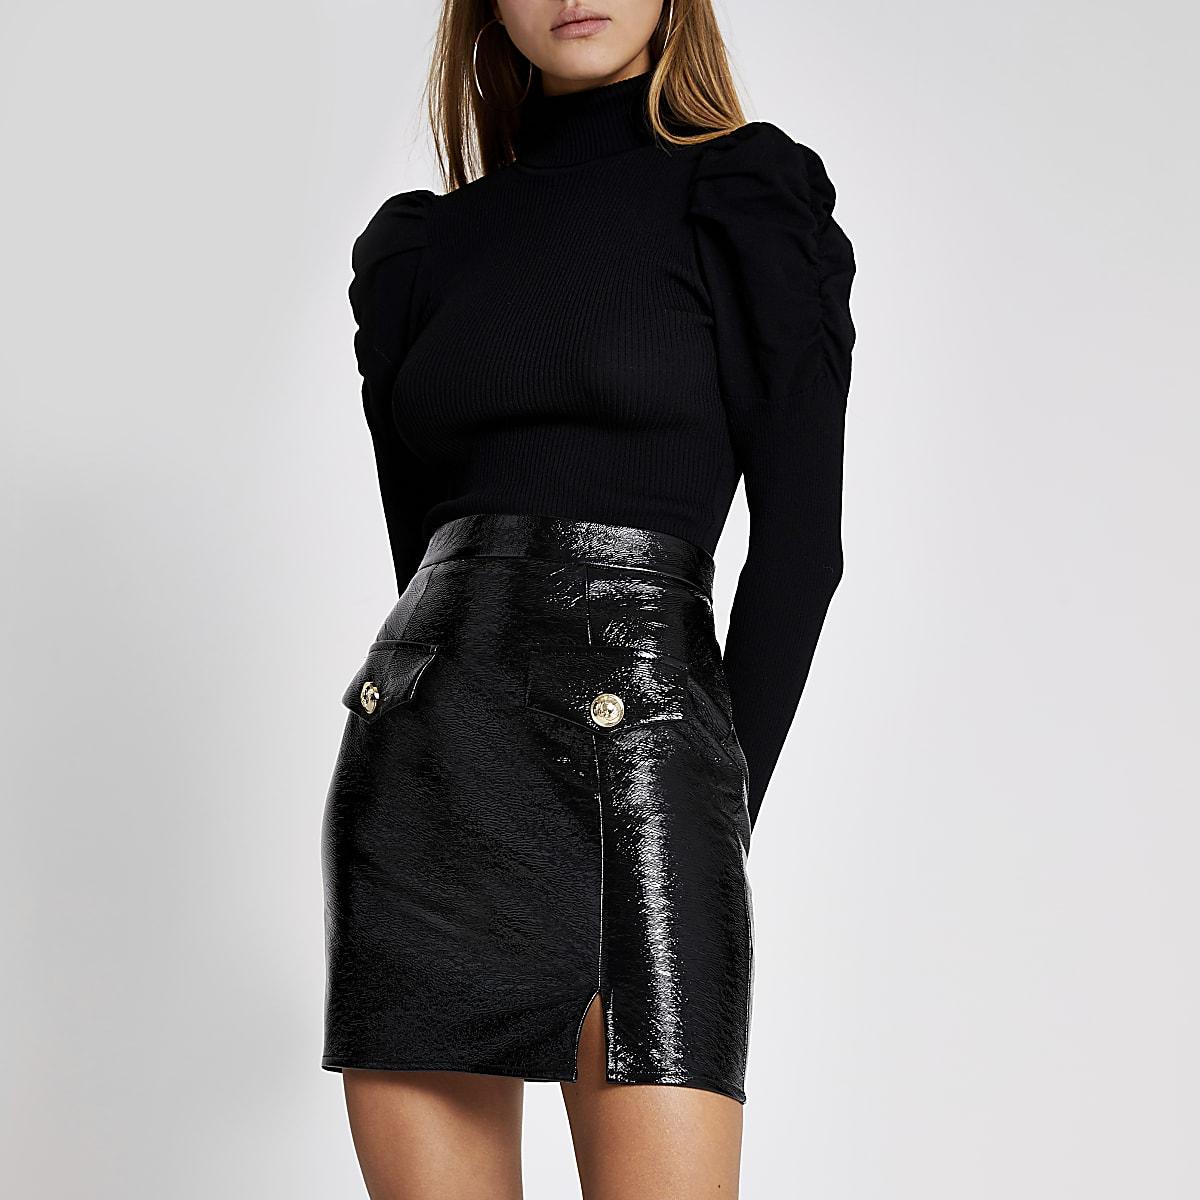 Black patent faux leather mini skirt